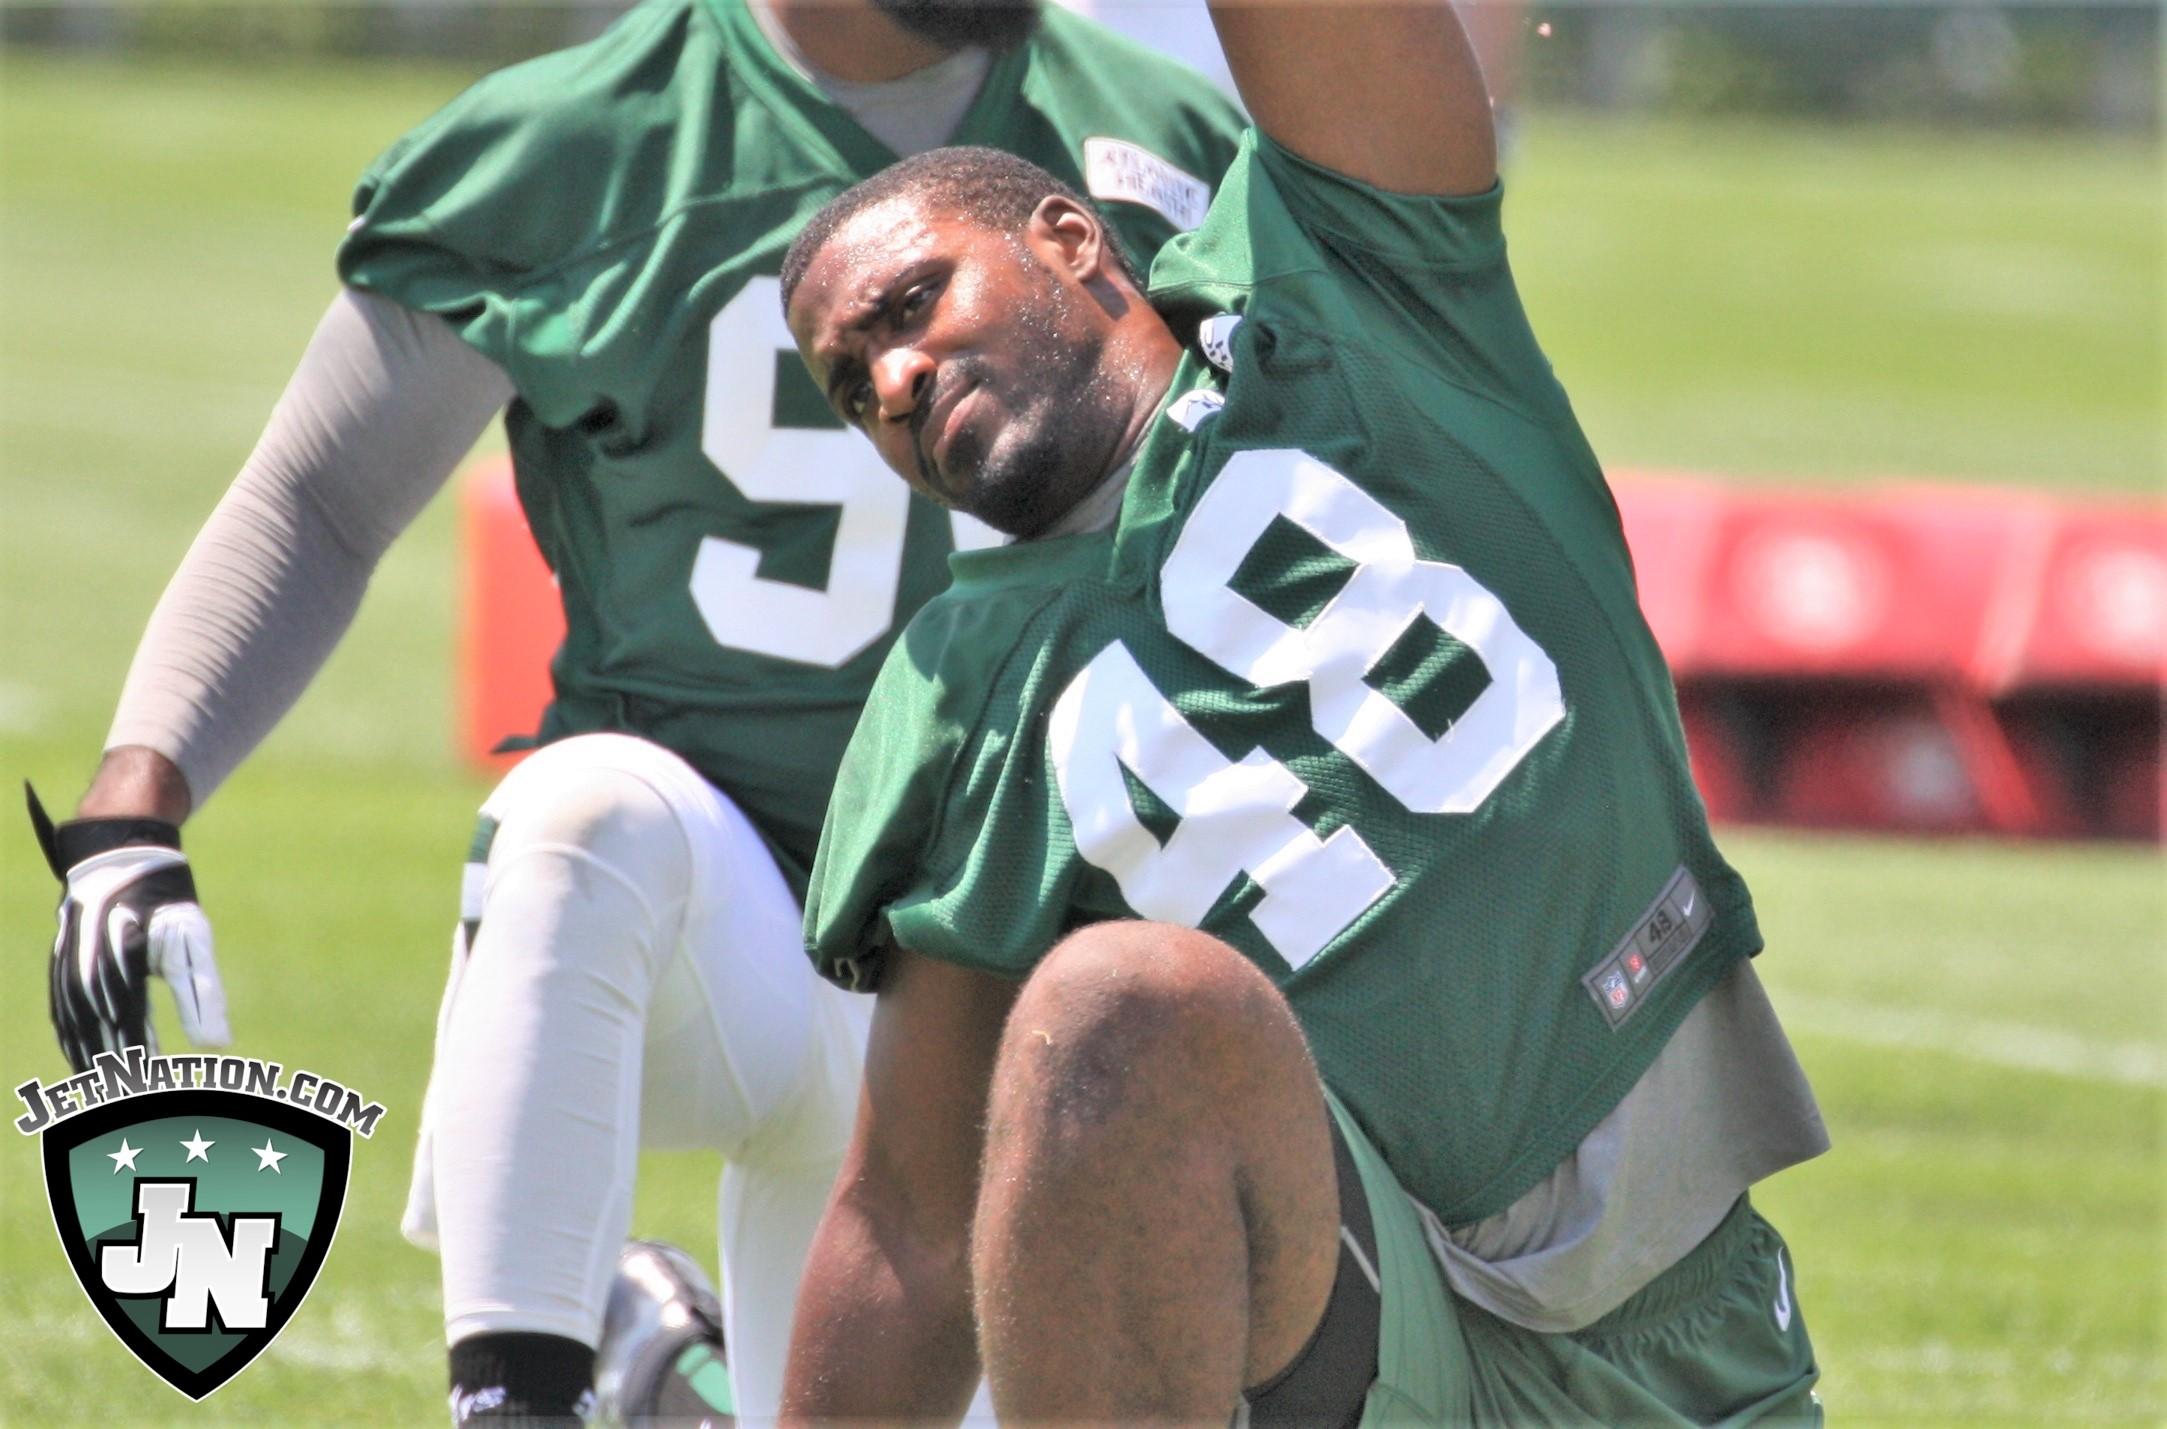 Jets' Jenkins set to Make Pro Debut?